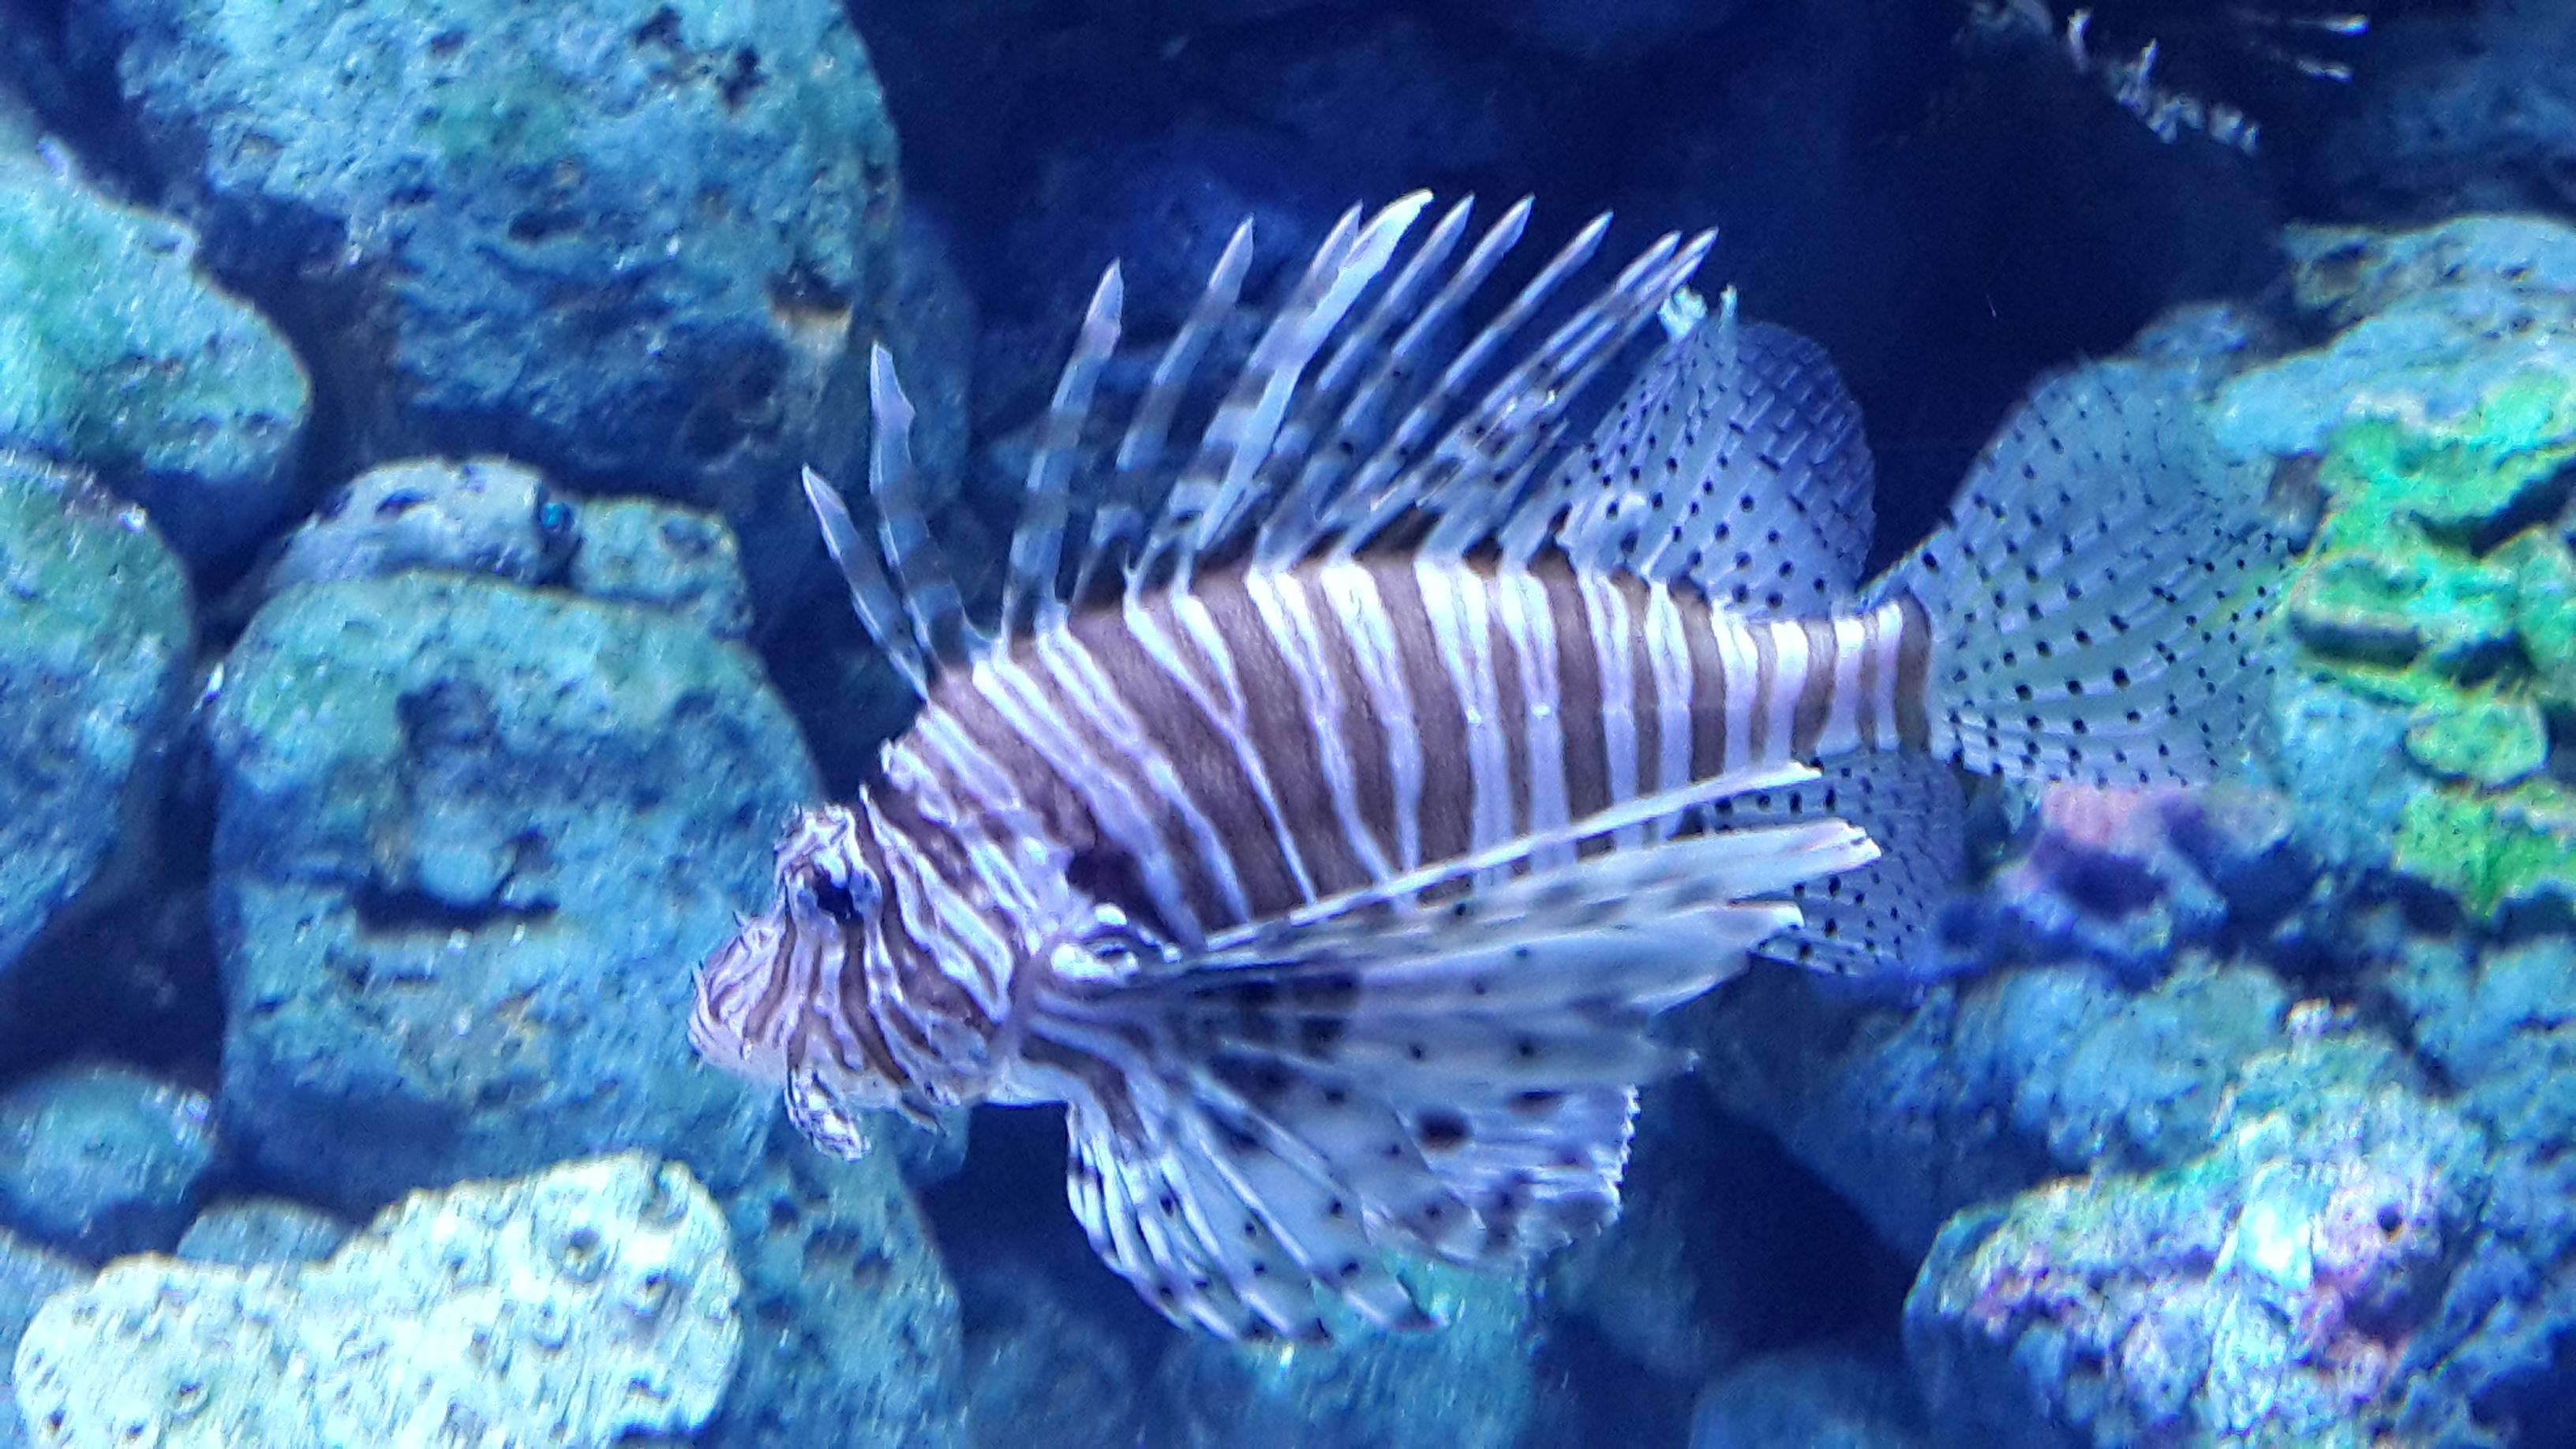 壁纸 动物 海底 海底世界 海洋馆 水族馆 鱼 鱼类 3264_1836